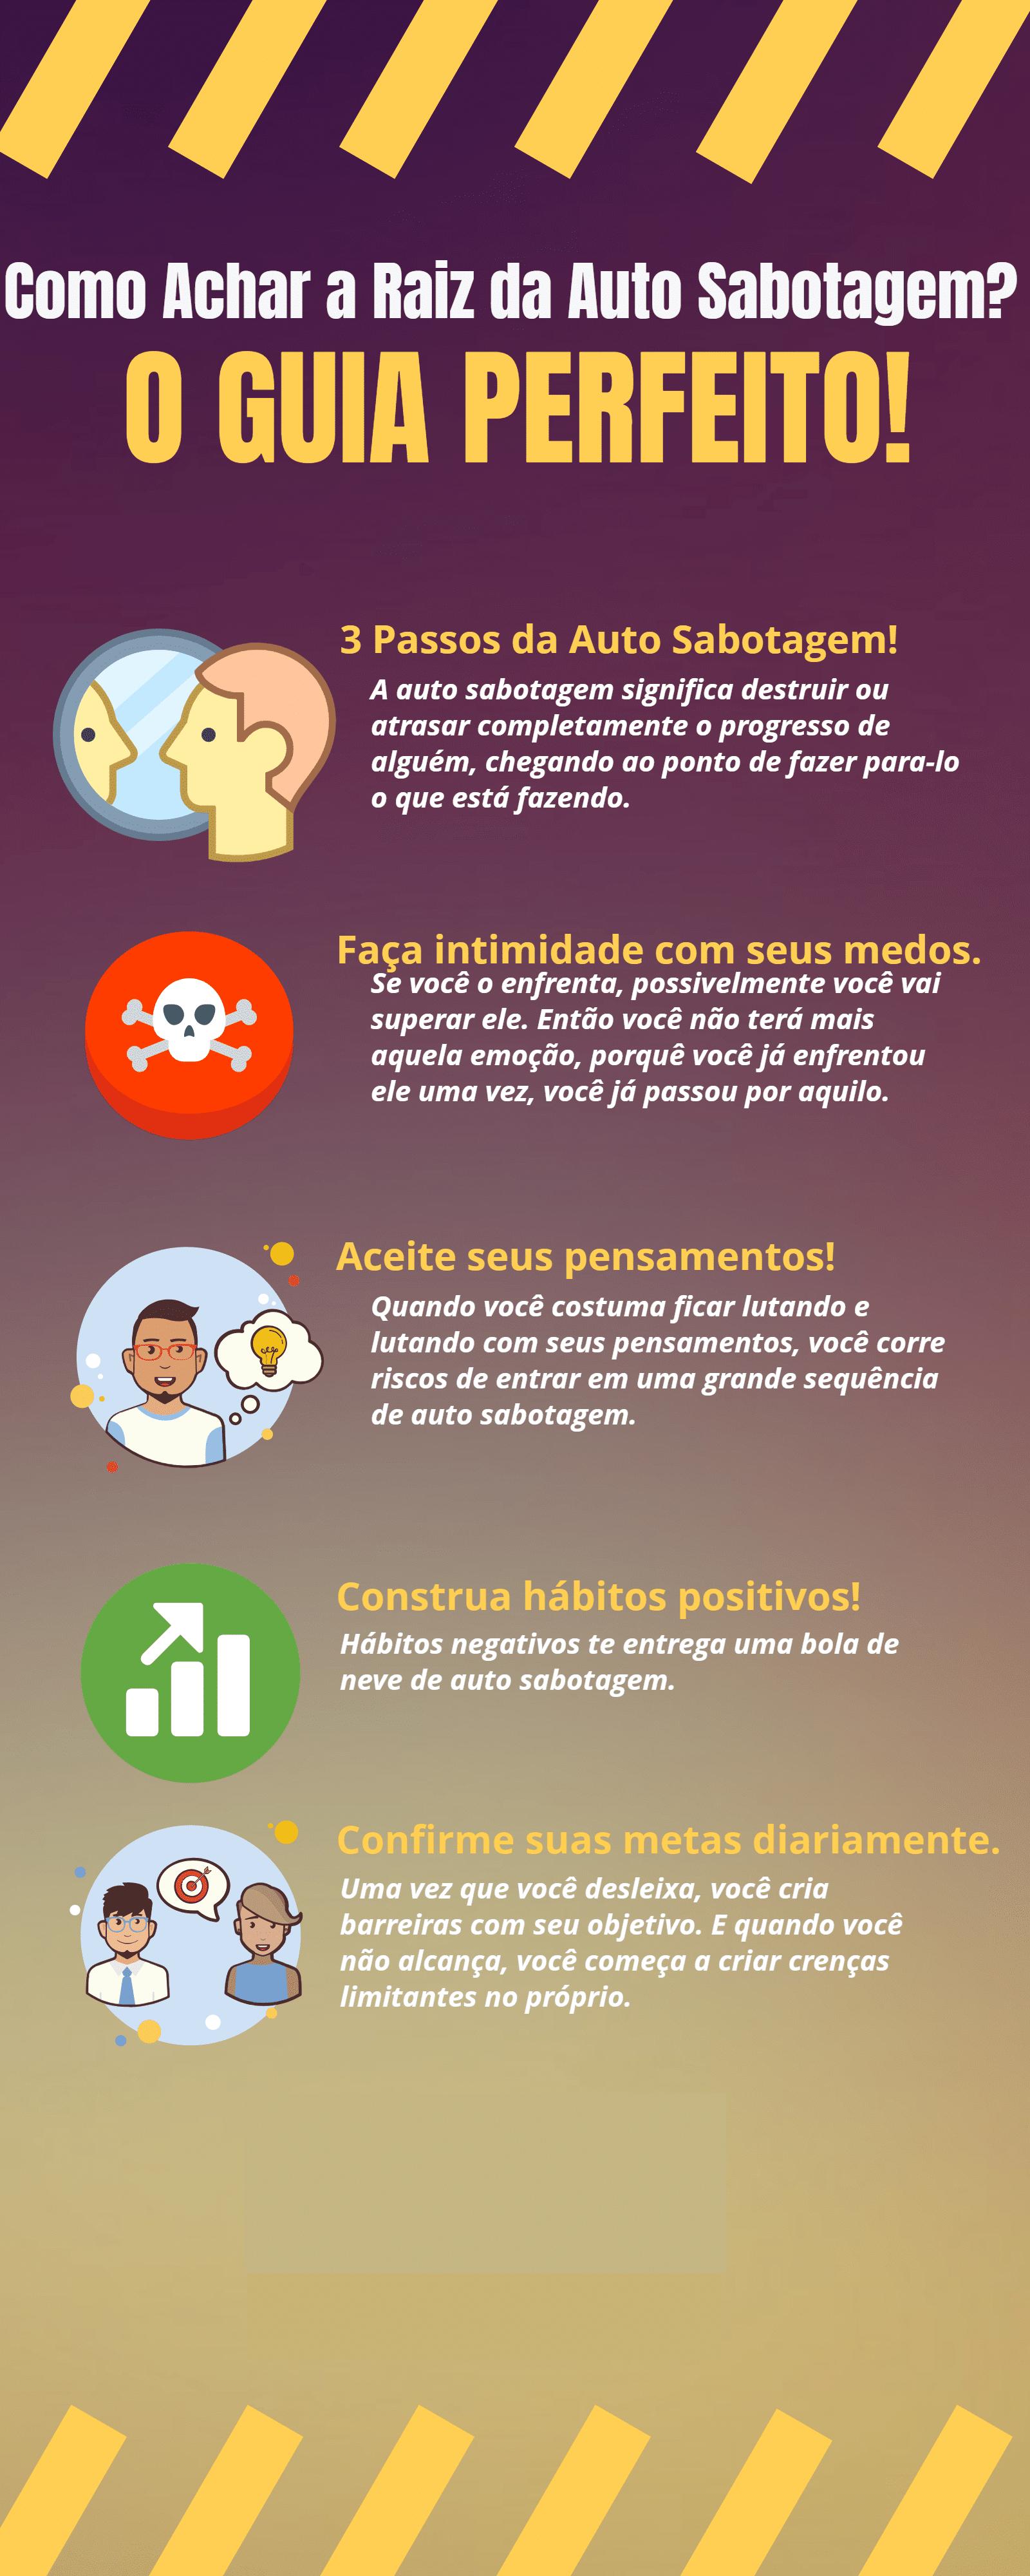 infográfico sobre auto-sabotagem